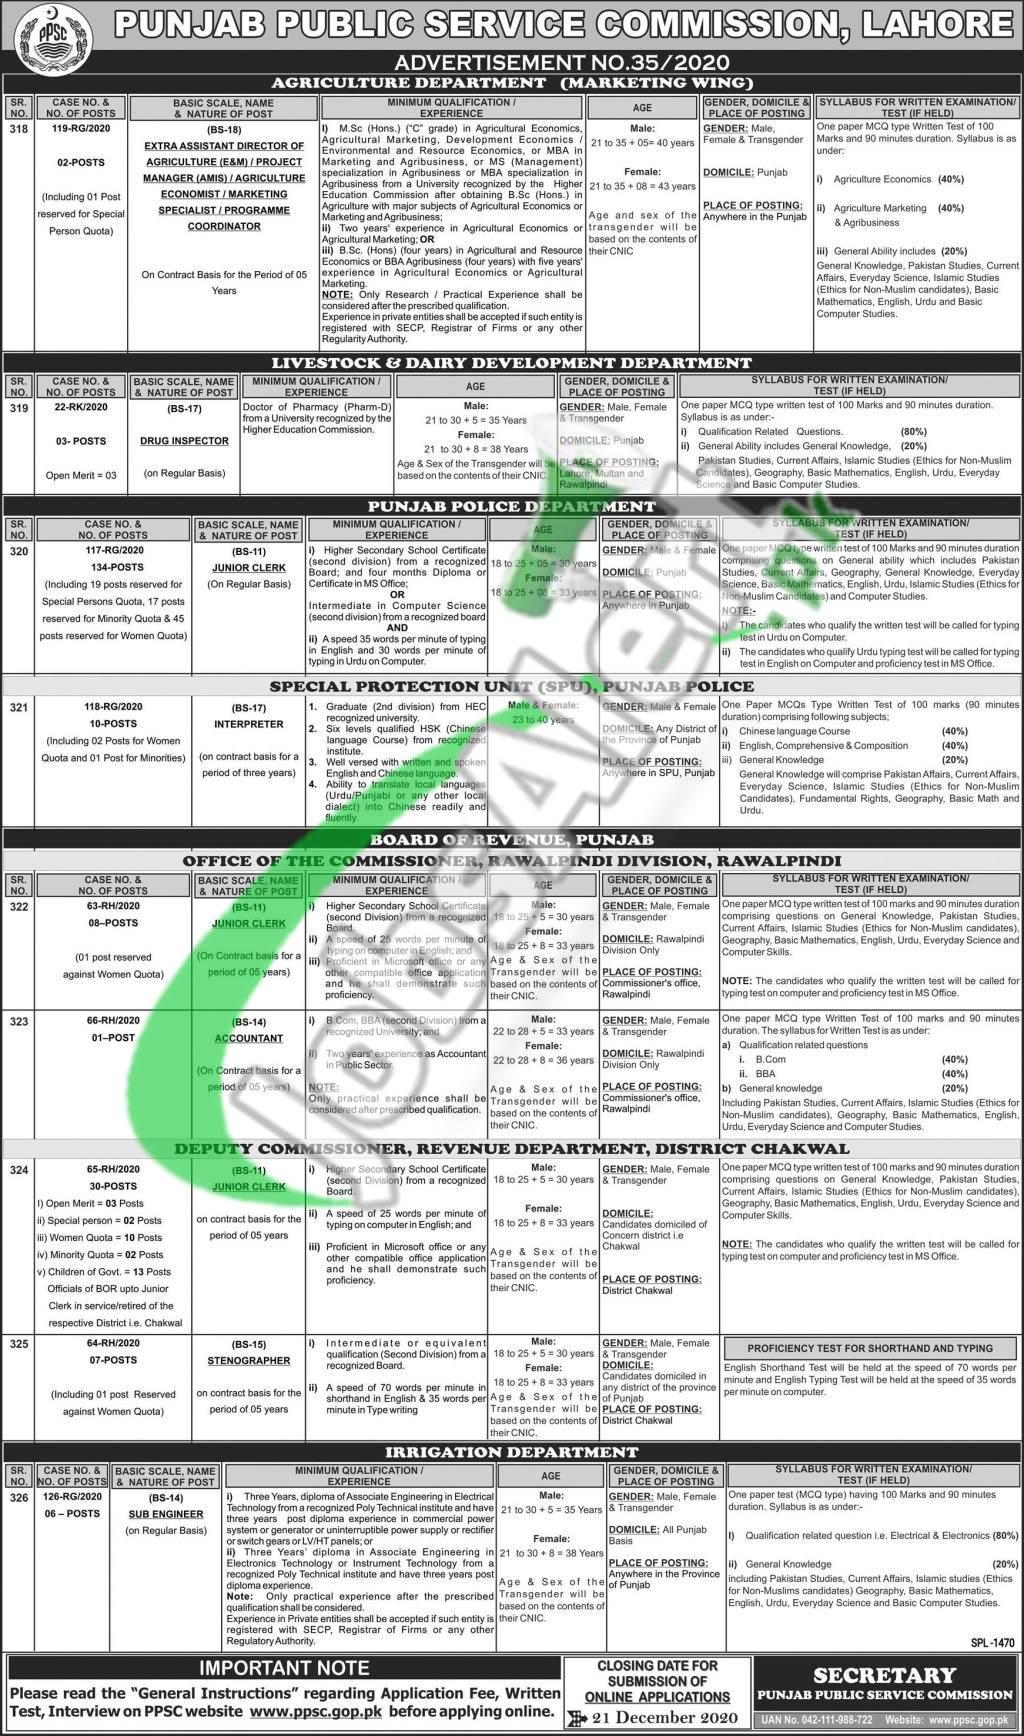 PPSC Junior Clerk in Punjab Police Jobs 2020